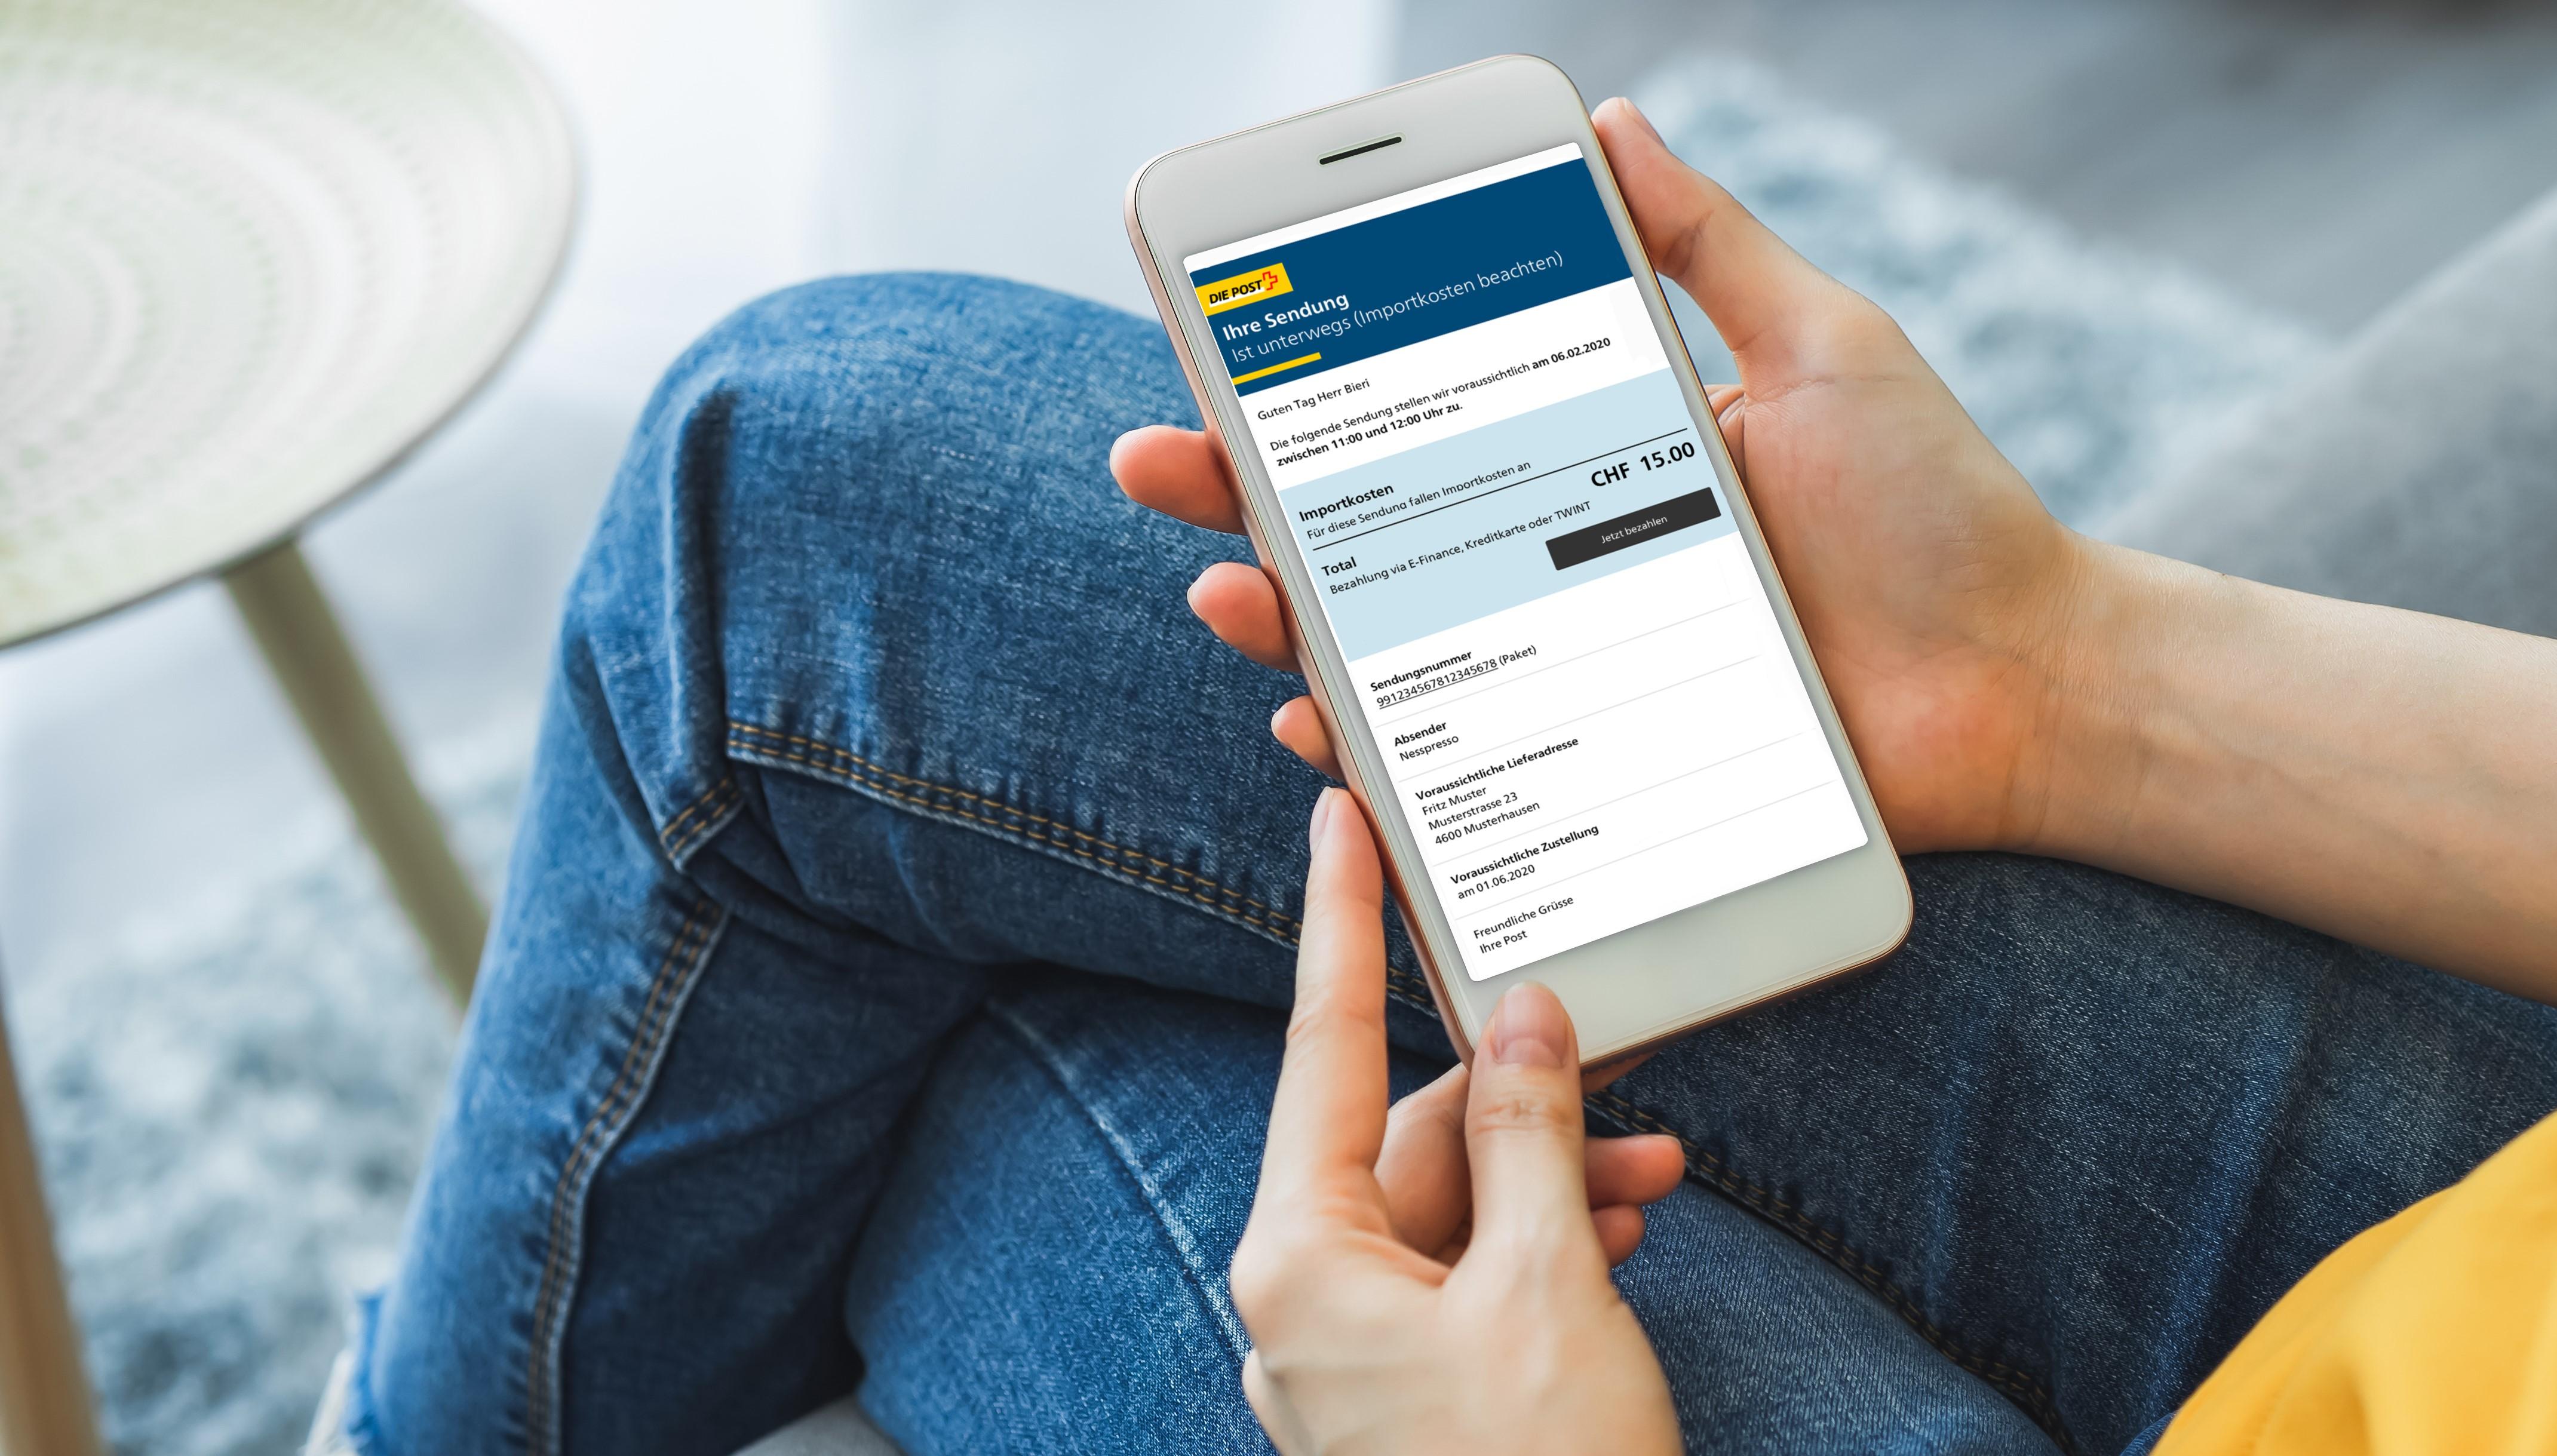 Registrierte Kundinnen und Kunden der Post erhalten nebst Informationen zum Paket und Zustellungstag künftig auch gleich die Importkosten mitgeteilt. So können sie diese mit wenigen Klicks auch gleich online bezahlen.